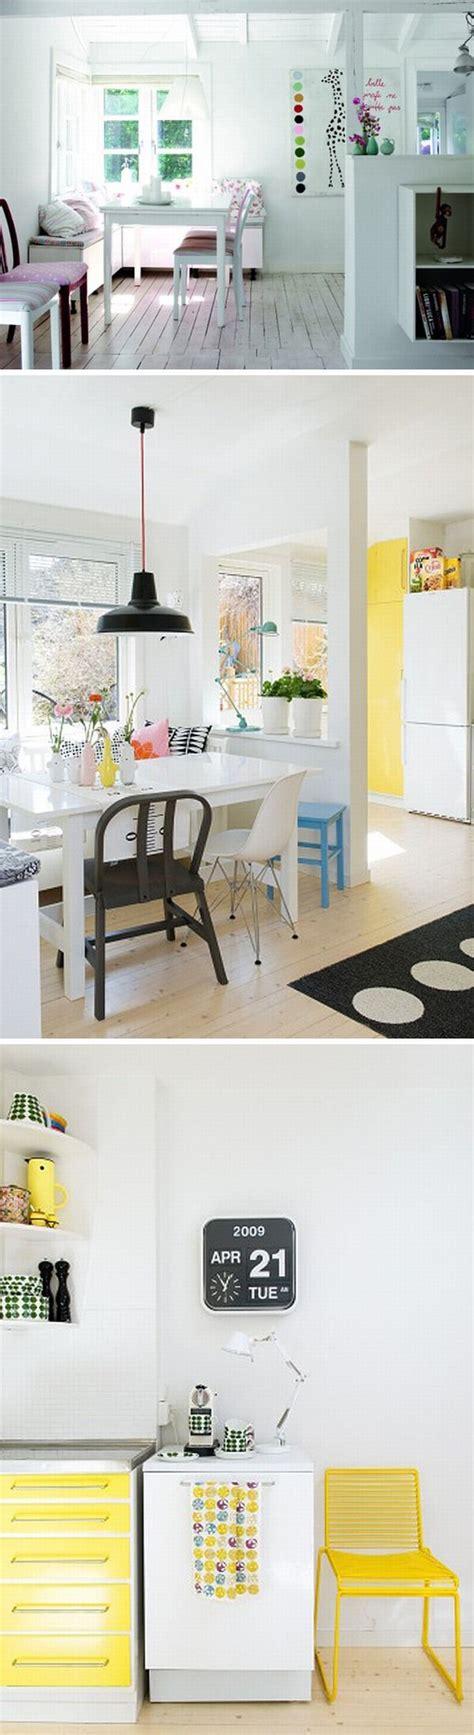 fresh home com warm and stylish scandinavian interior designs freshome com